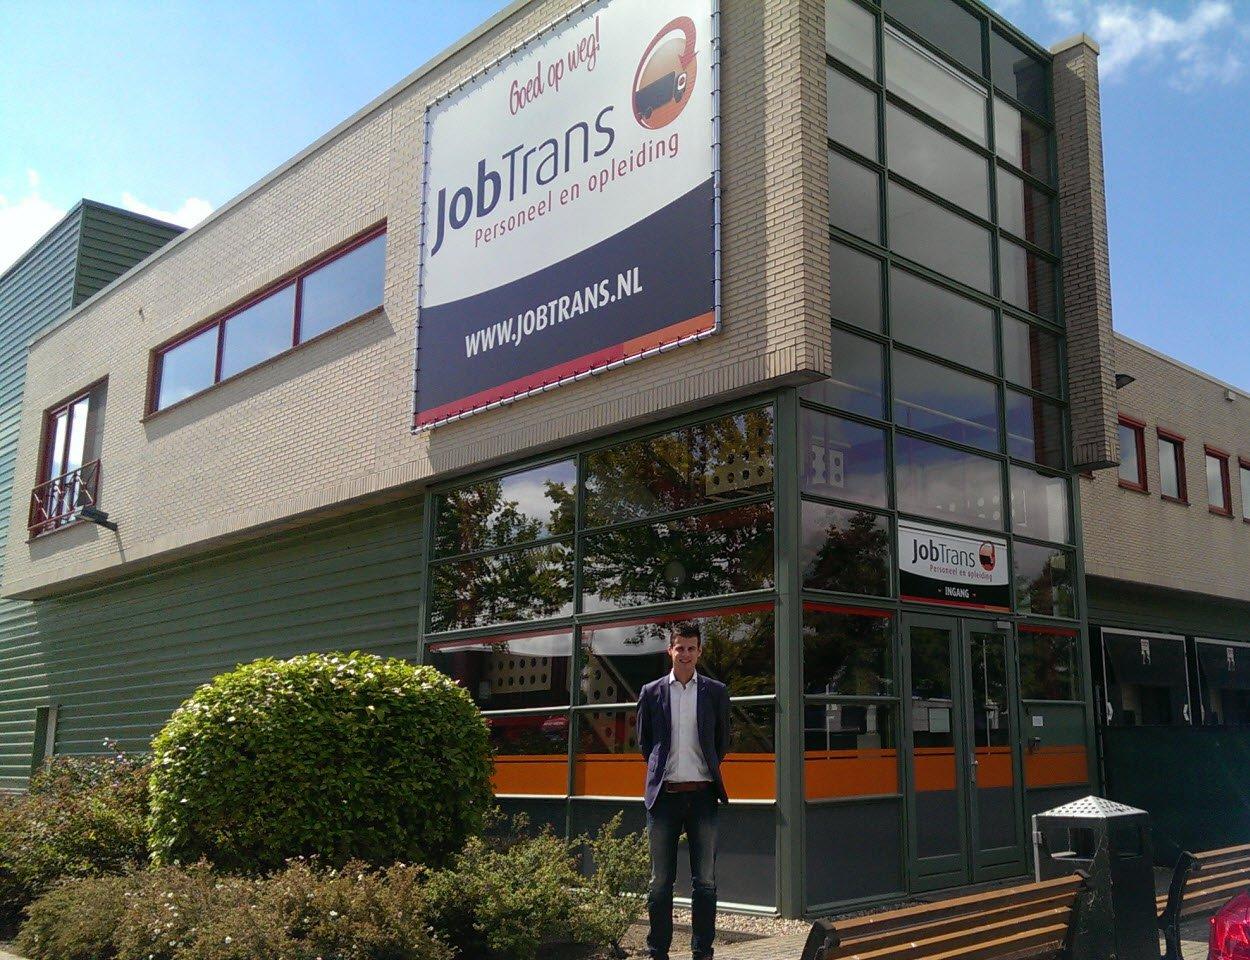 JobTrans biedt u de mogelijkheid om deel te nemen aan een van onze cursussen